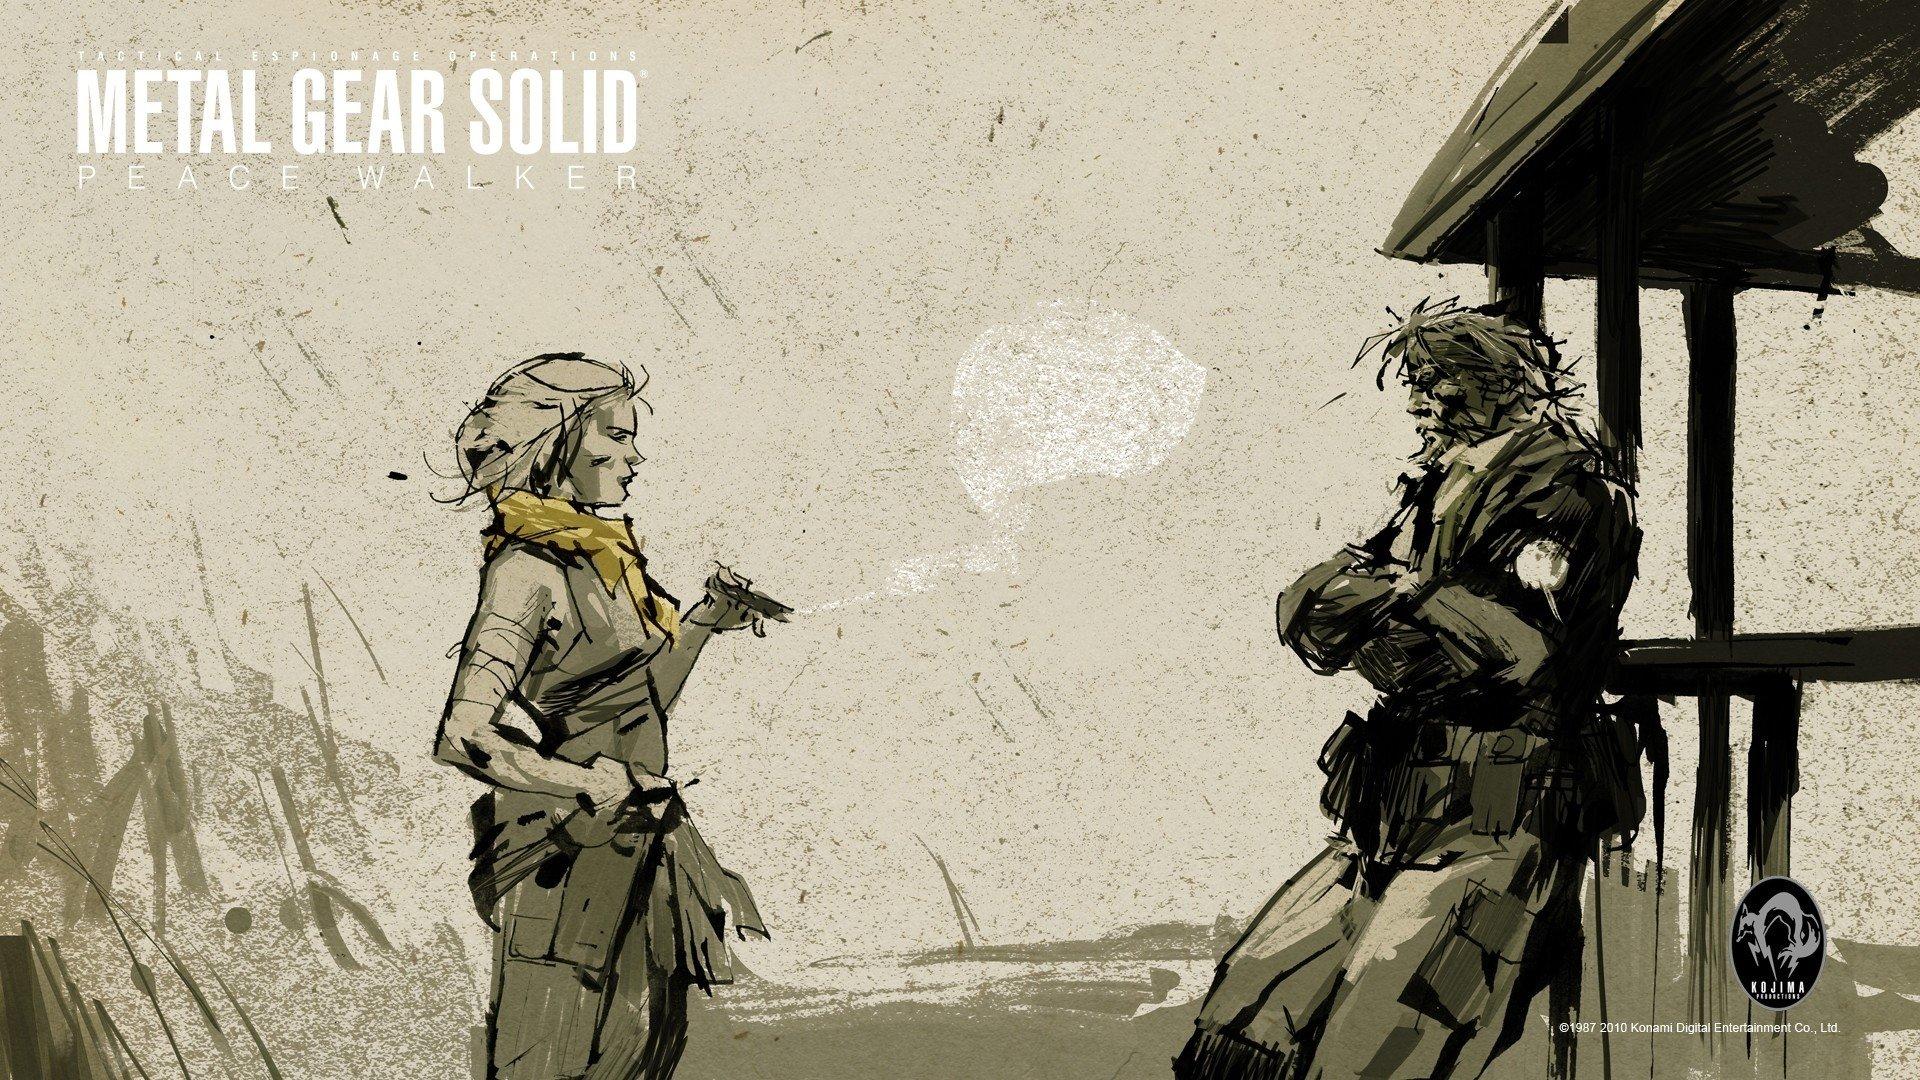 Metal Gear Solid Peace Walker Hd Wallpaper Background Image